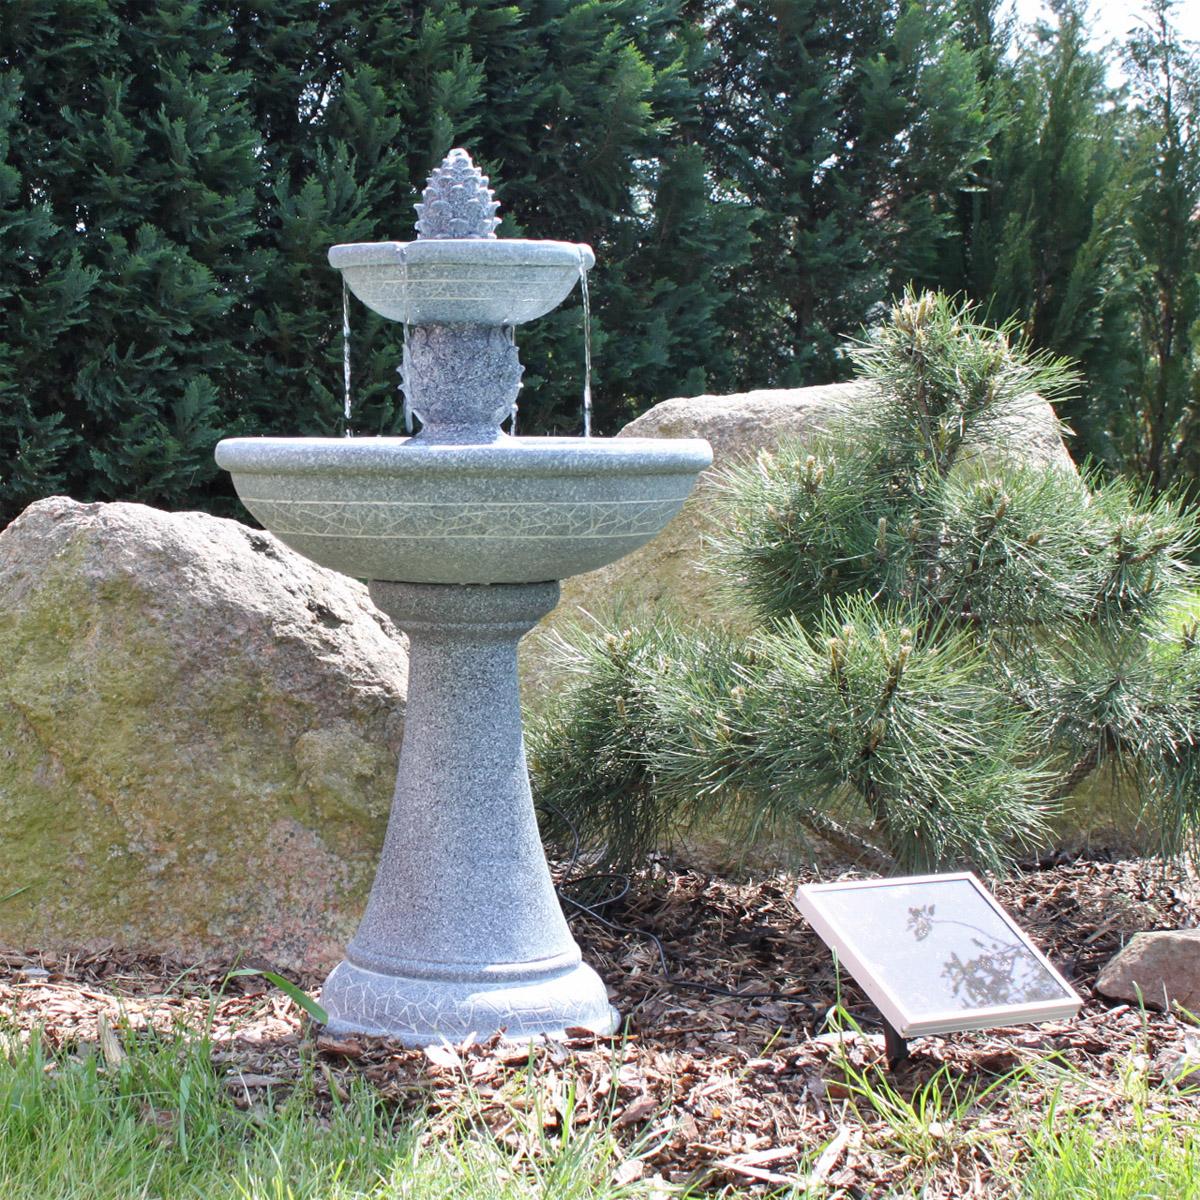 Solar Springbrunnen Garten : solar springbrunnen garten brunnen gartenbrunnen ~ A.2002-acura-tl-radio.info Haus und Dekorationen